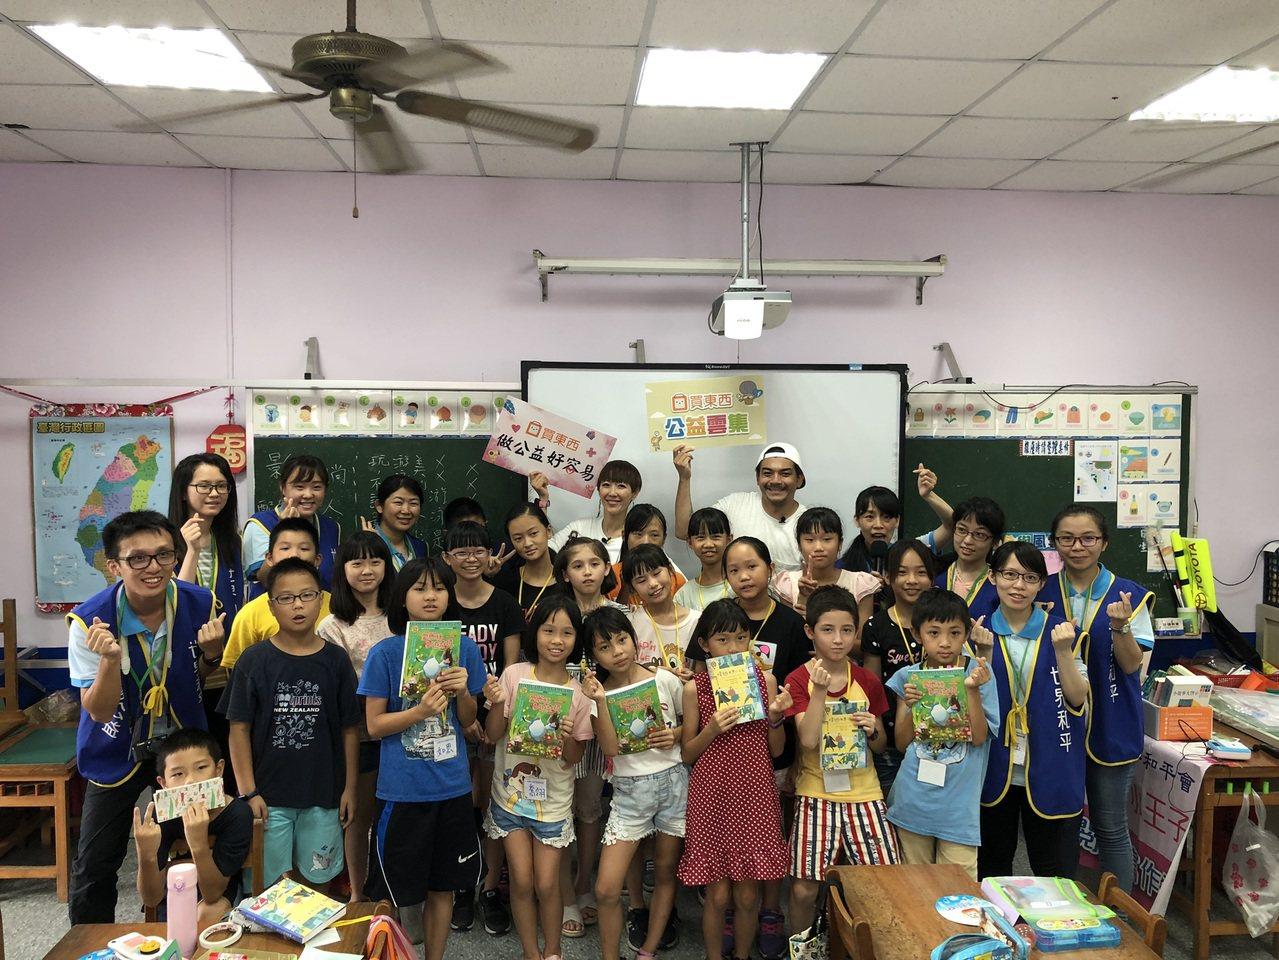 藝人gigi林如琦、史丹利和桃園偏鄉大坡國小學童一起參加世界和平會舉辦的閱讀寫作...